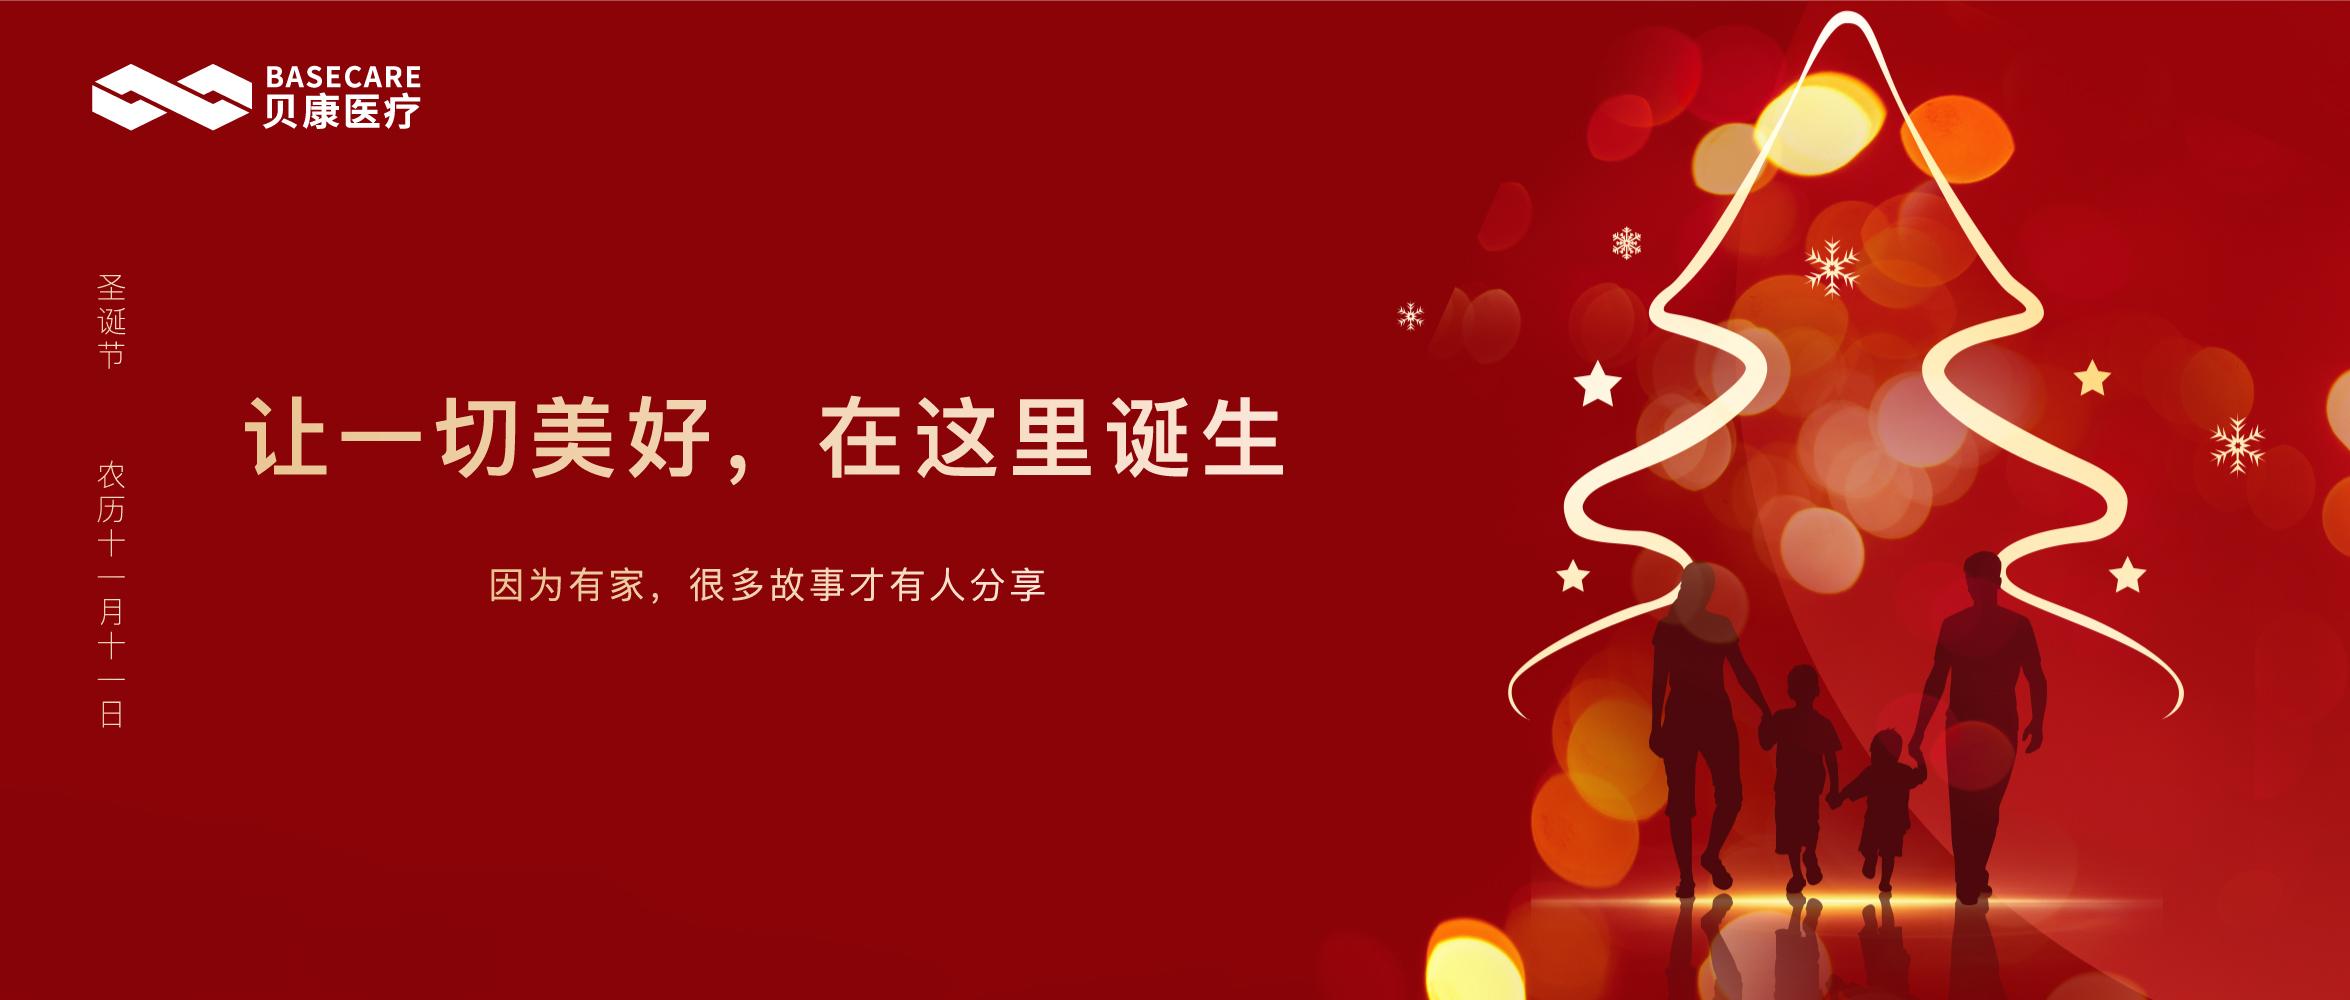 圣诞快乐丨贝康医疗祝您圣诞快乐,平安喜乐!